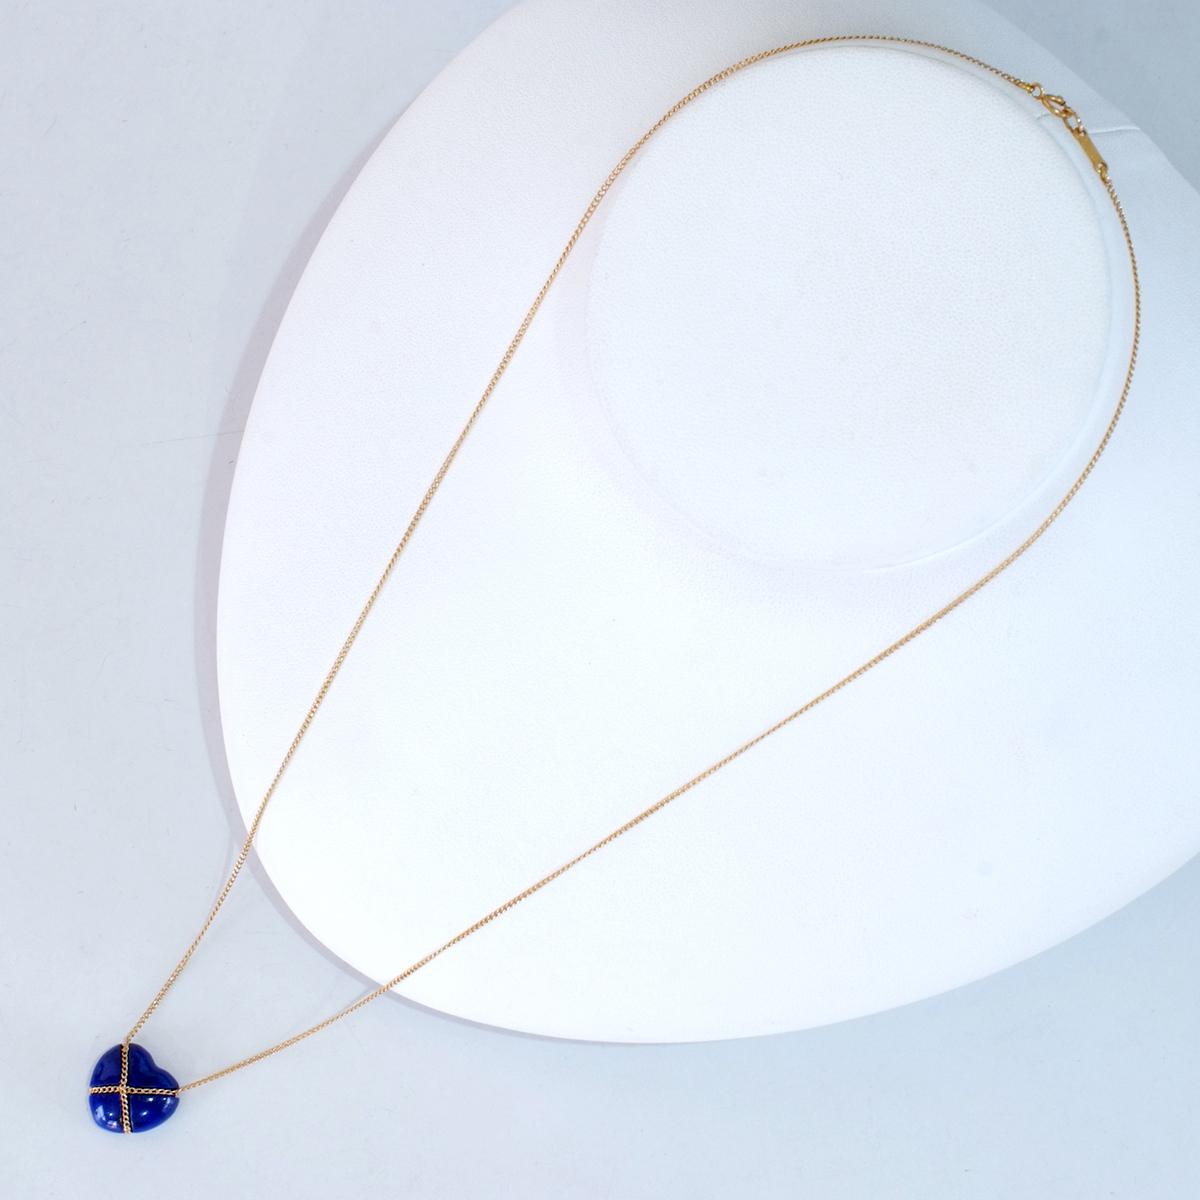 E8479【Tiffany&Co. 1837】ティファニー ハート ラピスラズリ 最高級18金無垢ネックレス 長さ46.5cm 重量3.42g 幅13.4mm_画像3